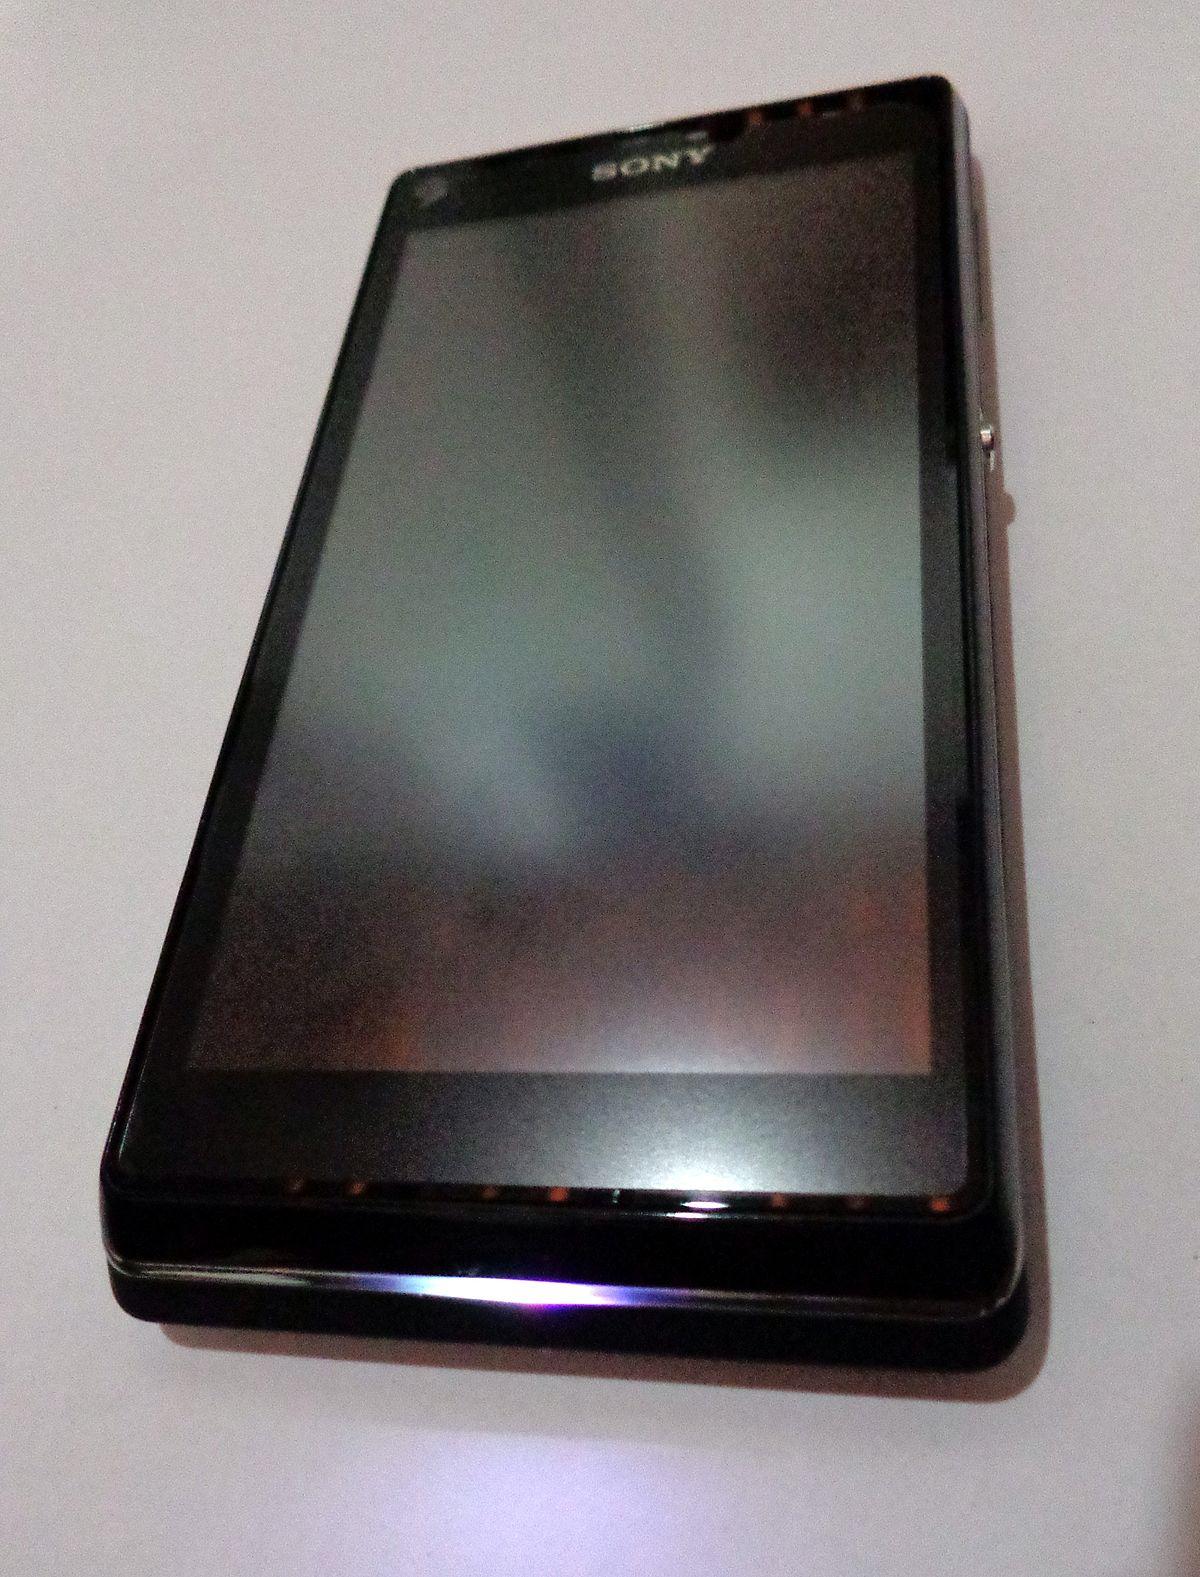 sony smartphone xperia l1